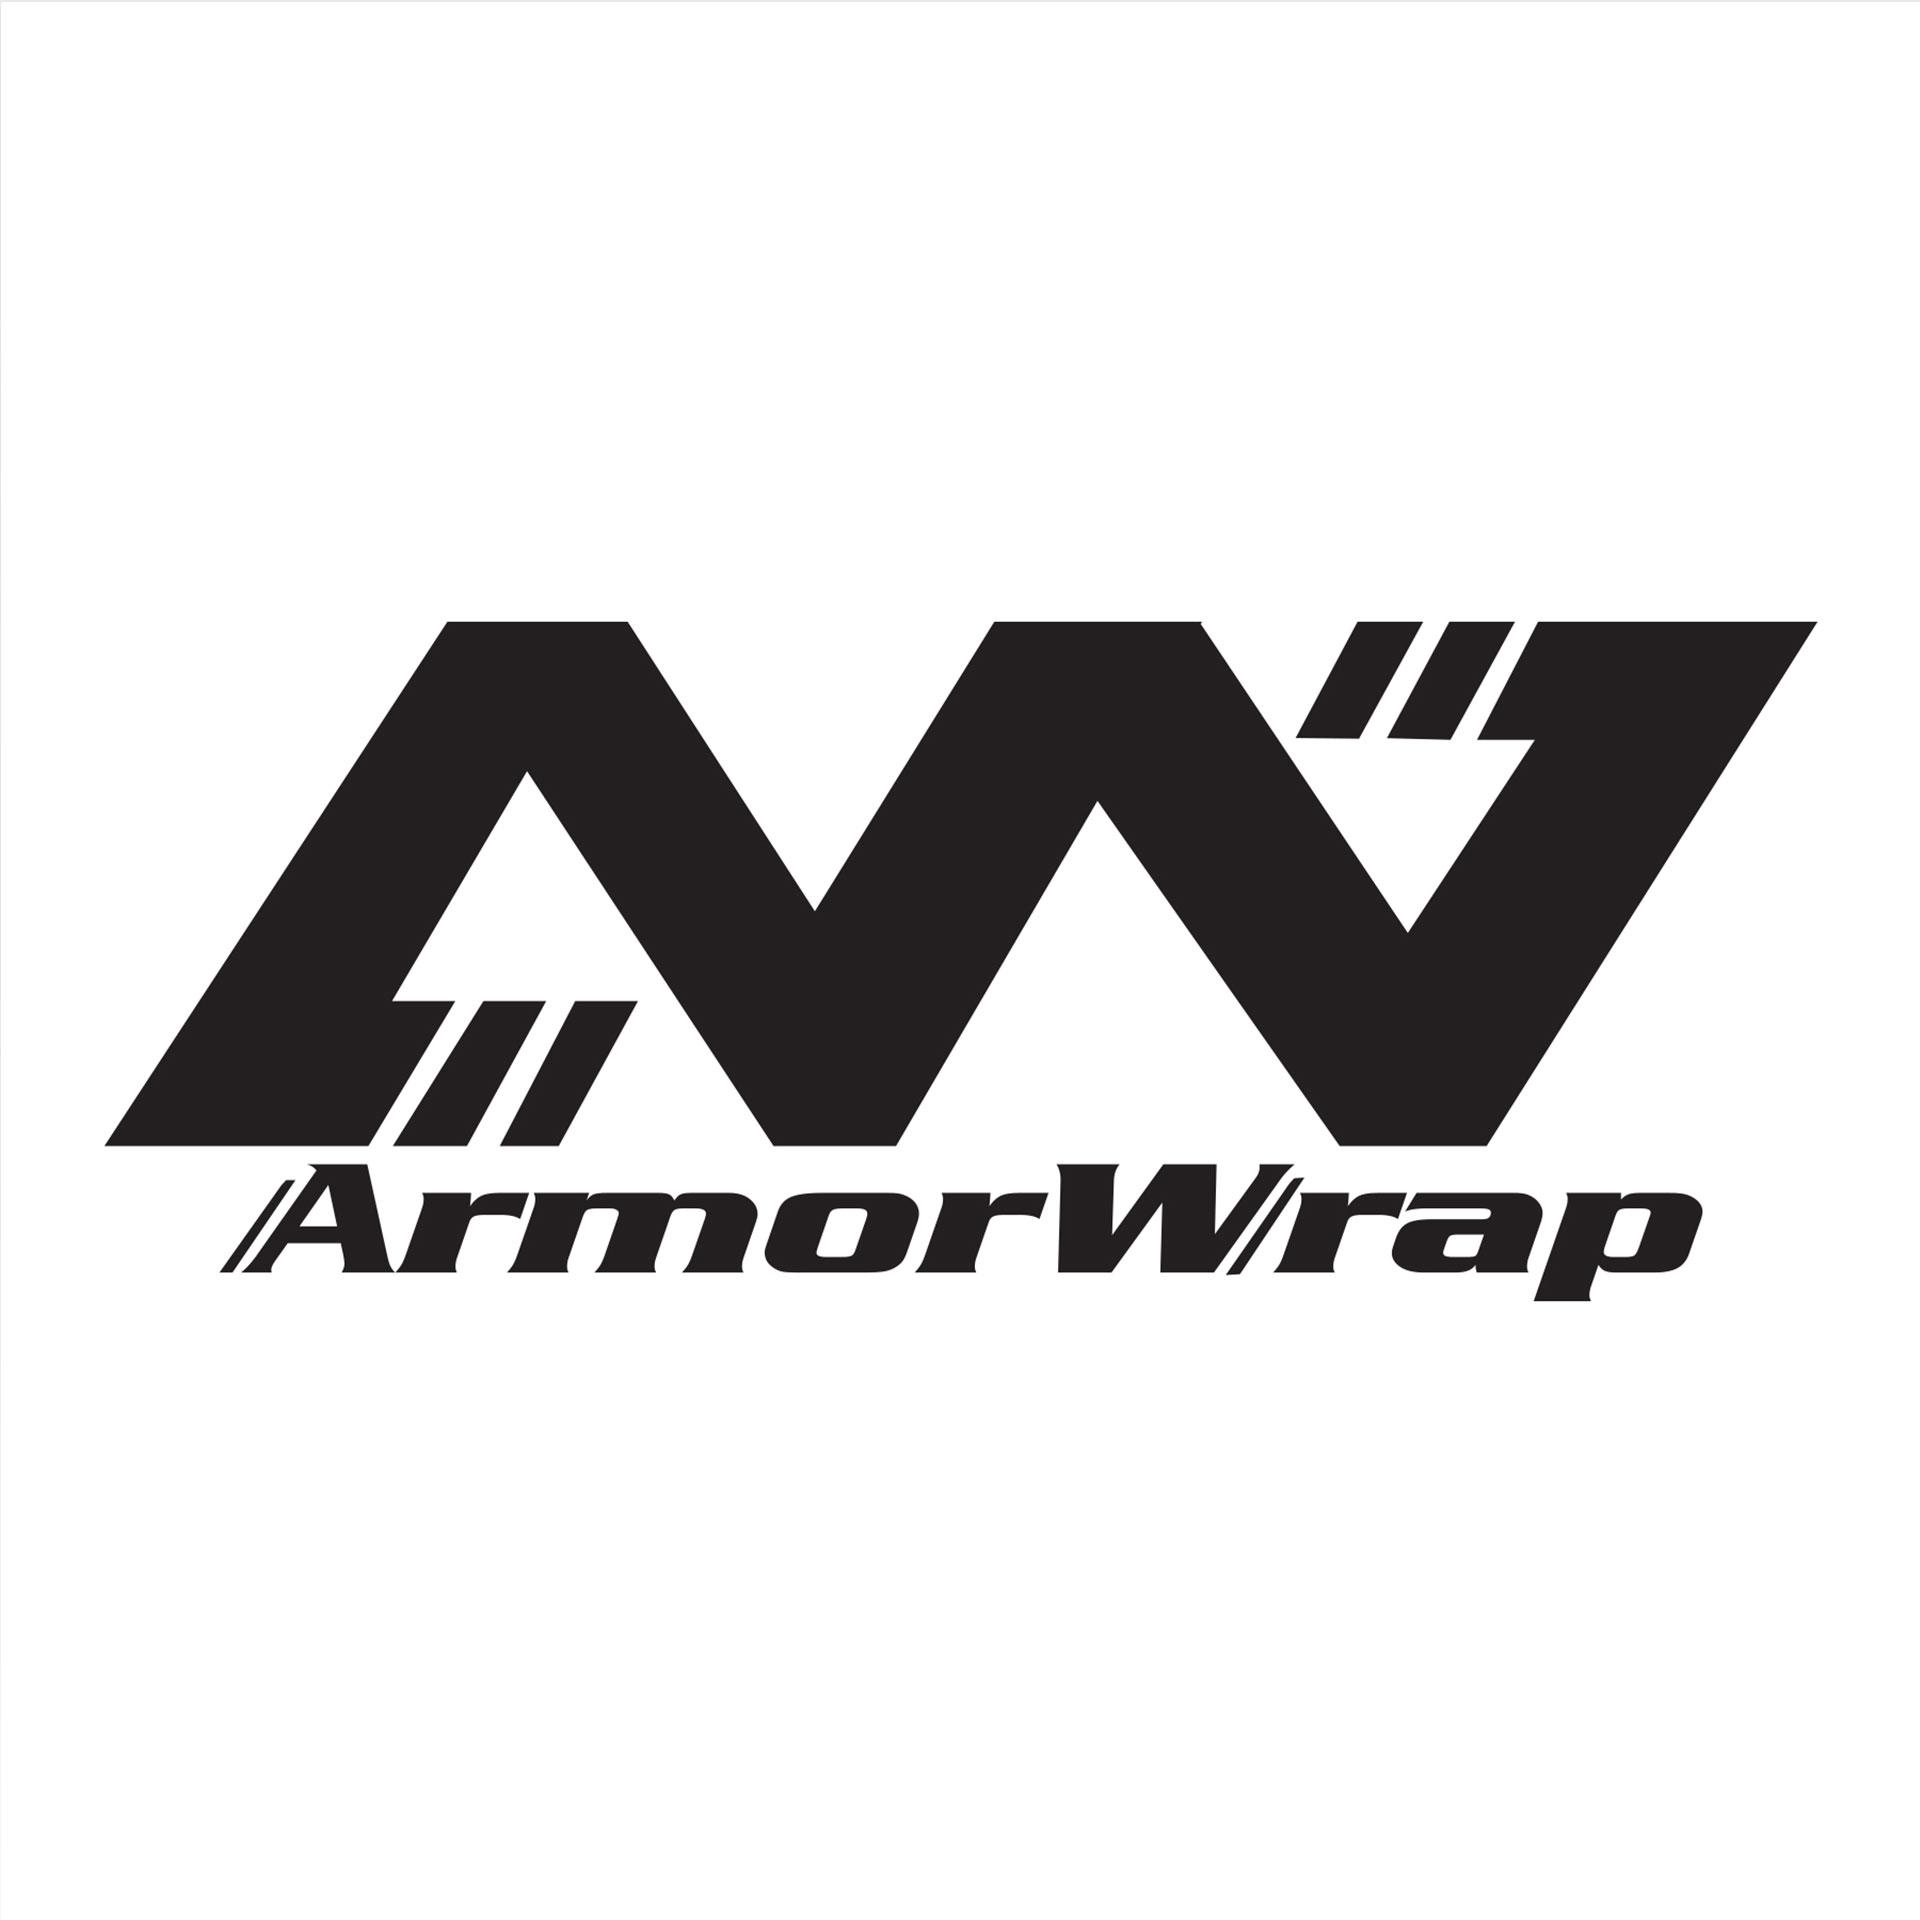 ARMOR_WRAP_LOGO